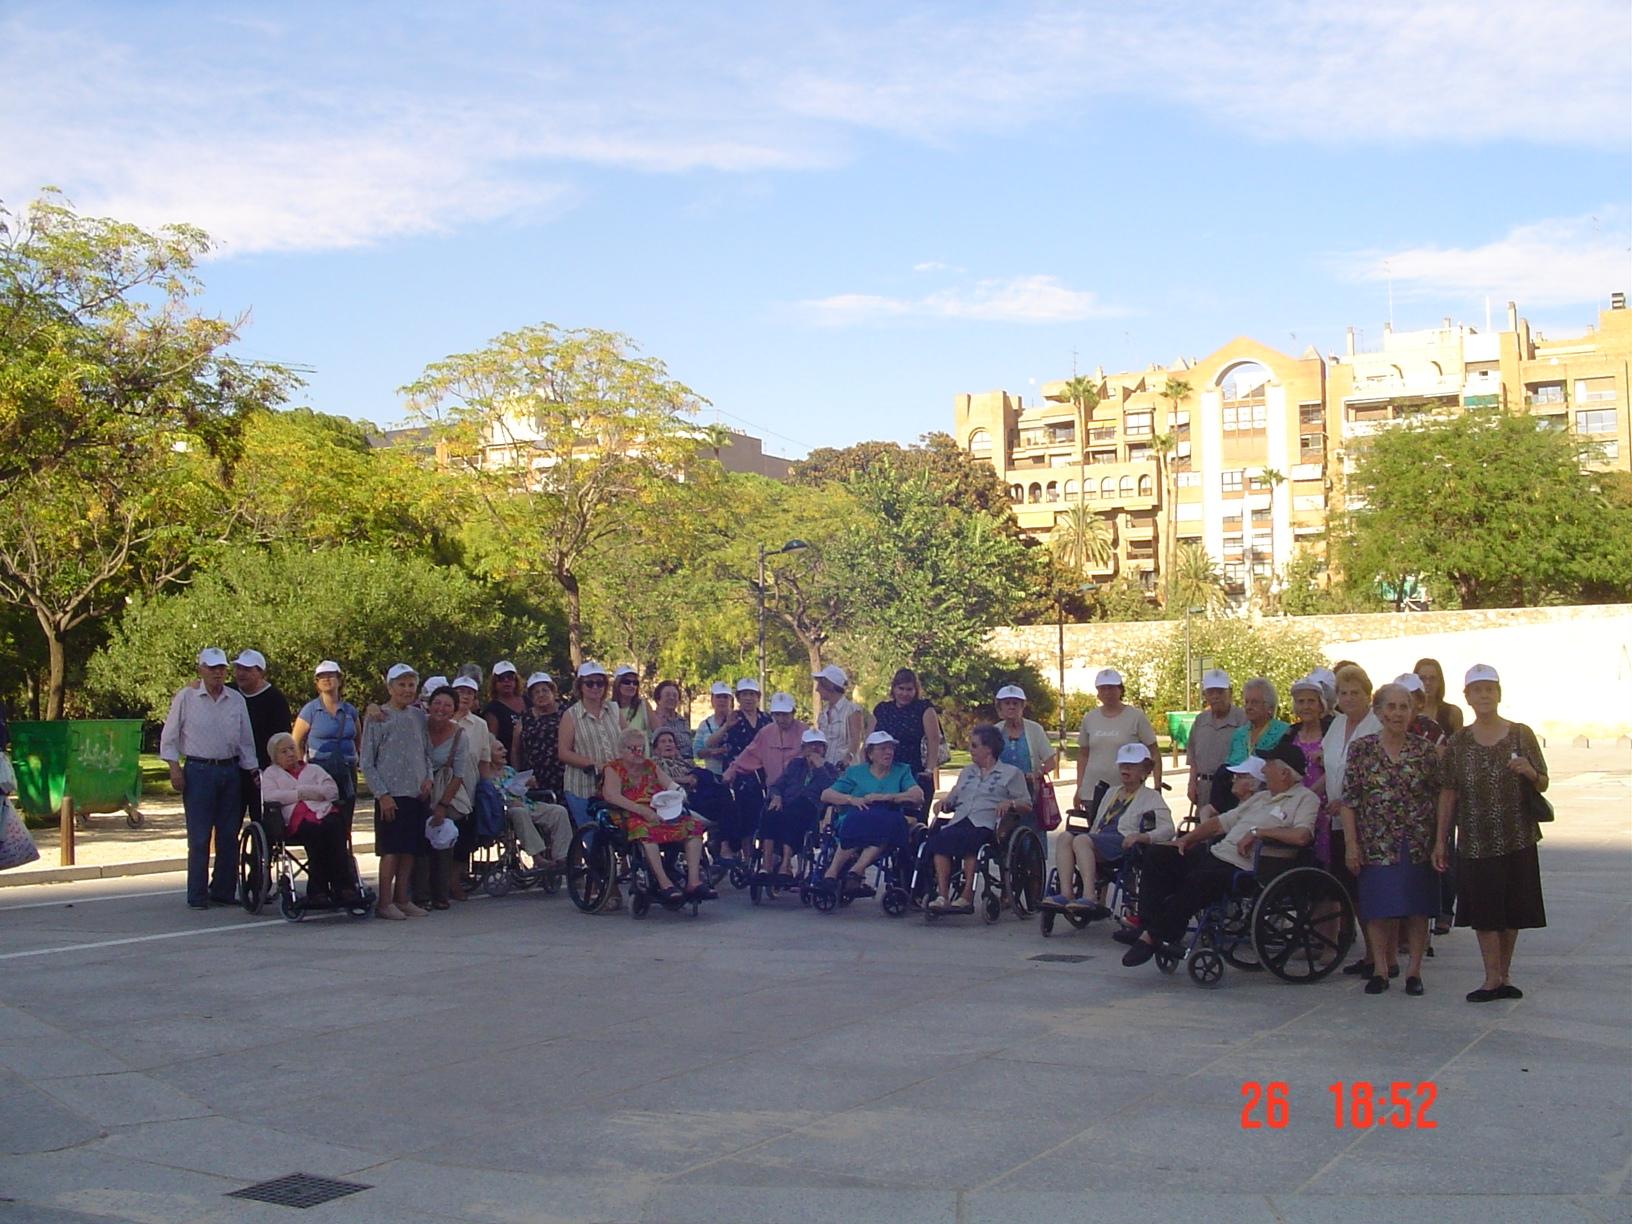 los nayores del centro de día Instituto geriátrico salen de paseo